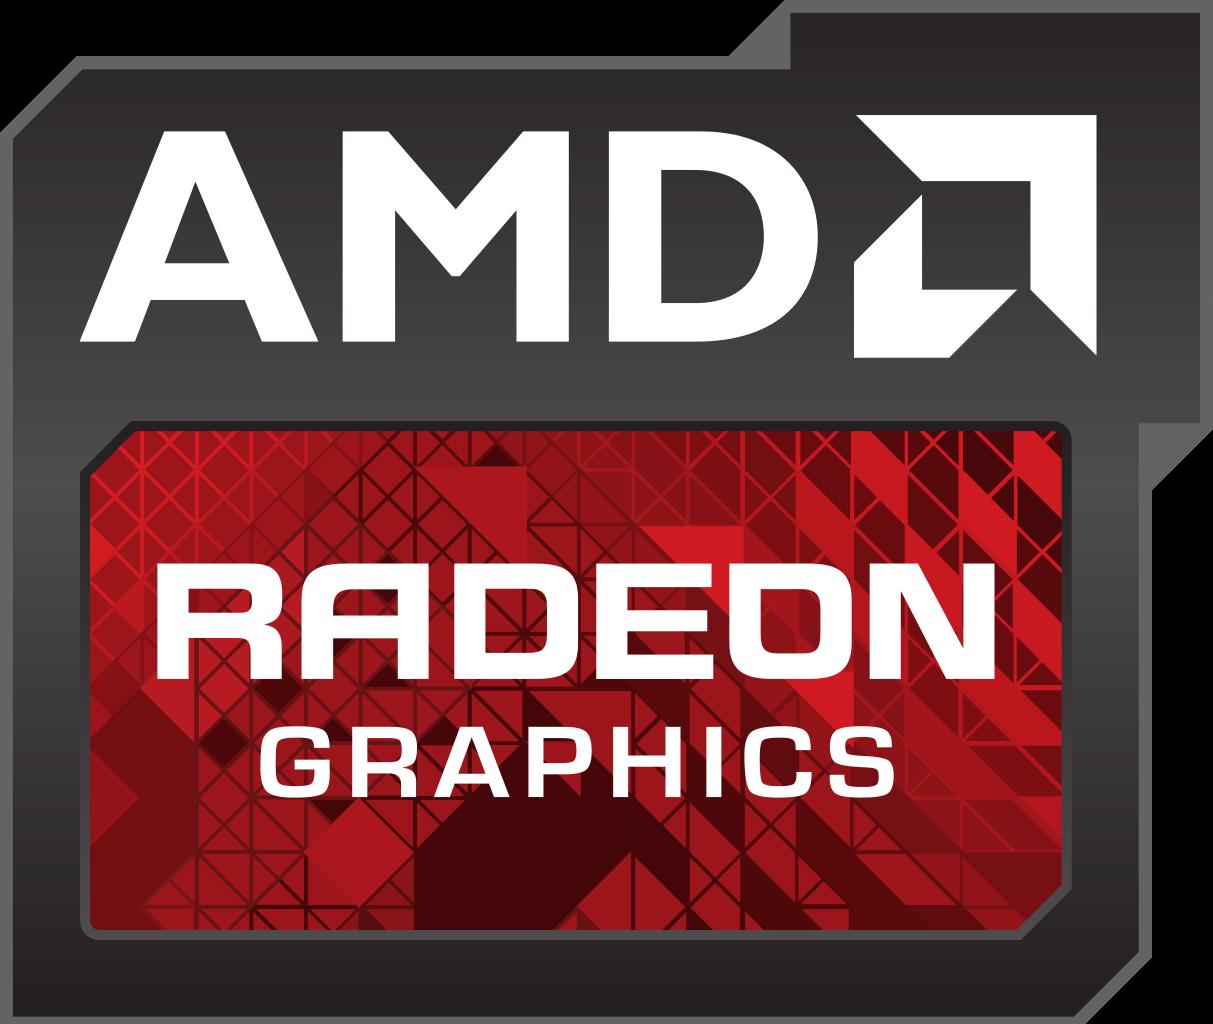 AMD GEMINI